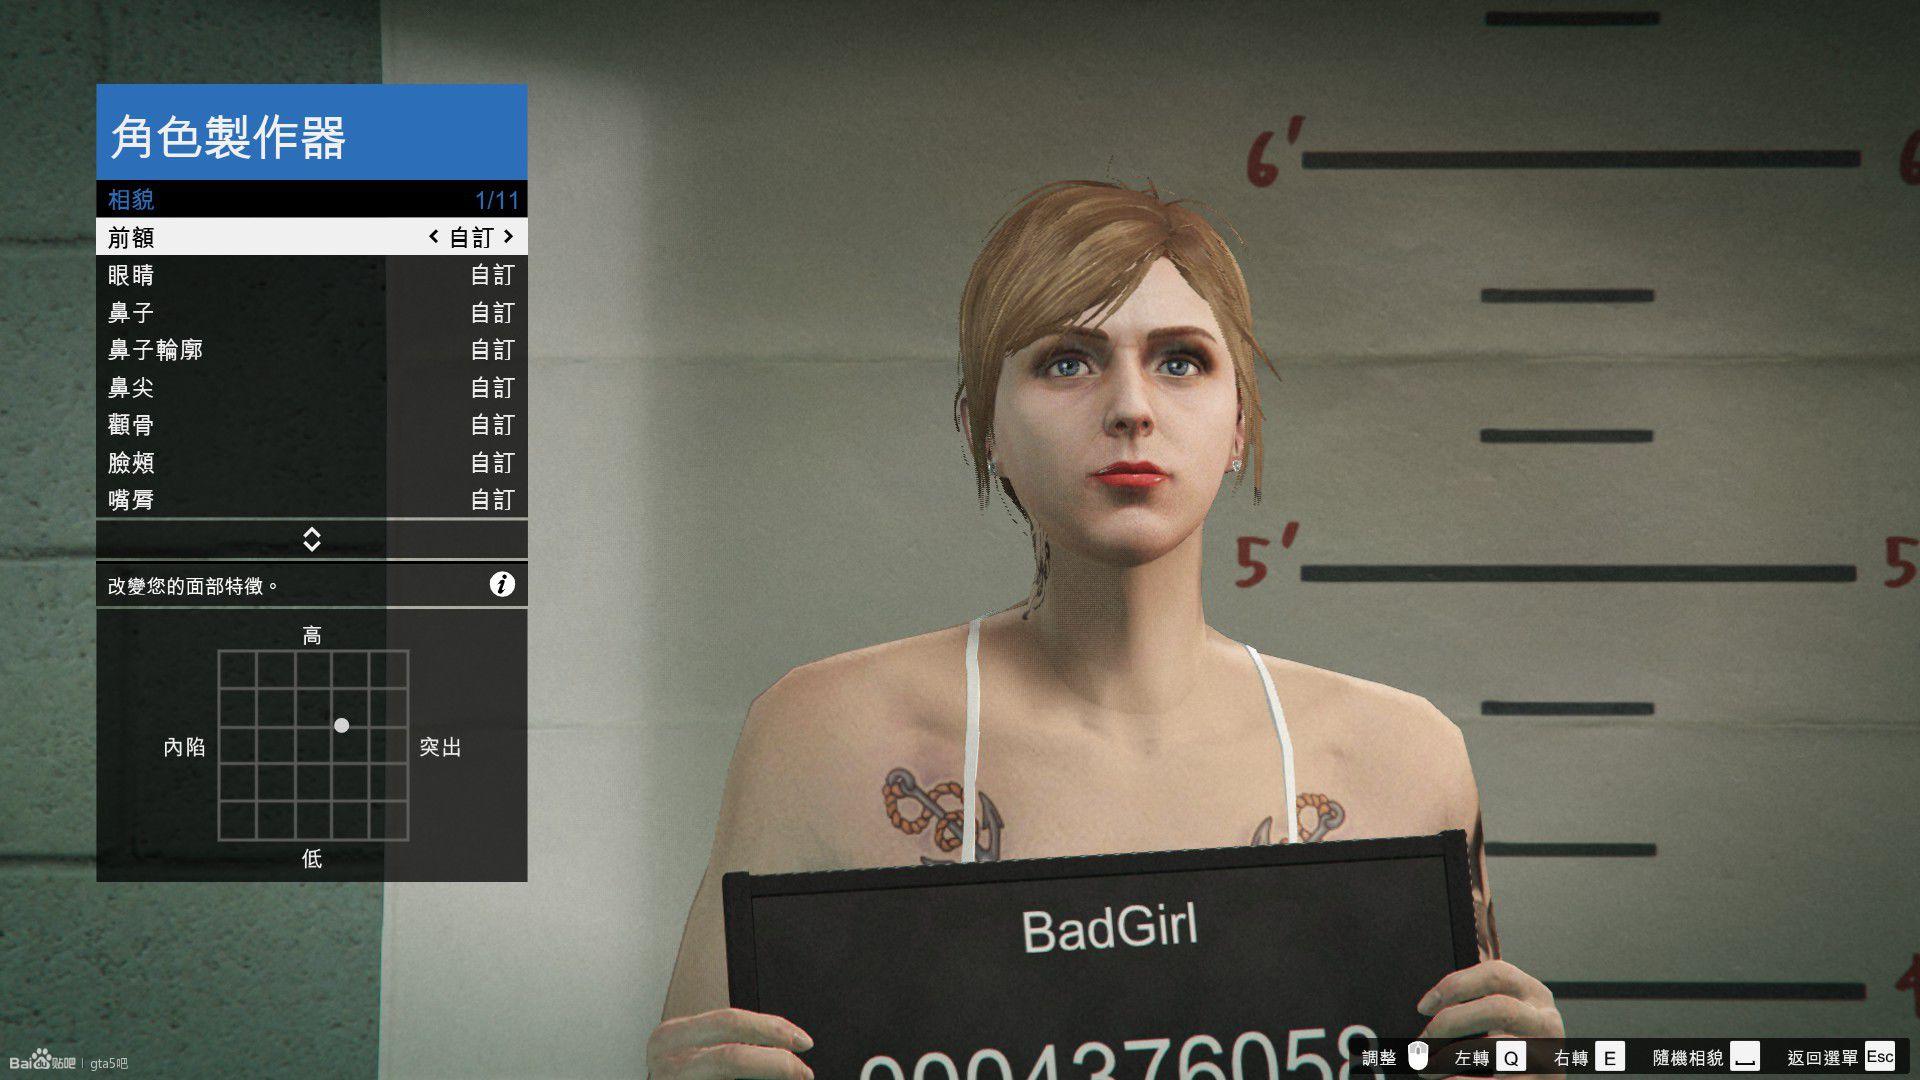 【捏脸】GTA5女角色捏脸数据插图(3)